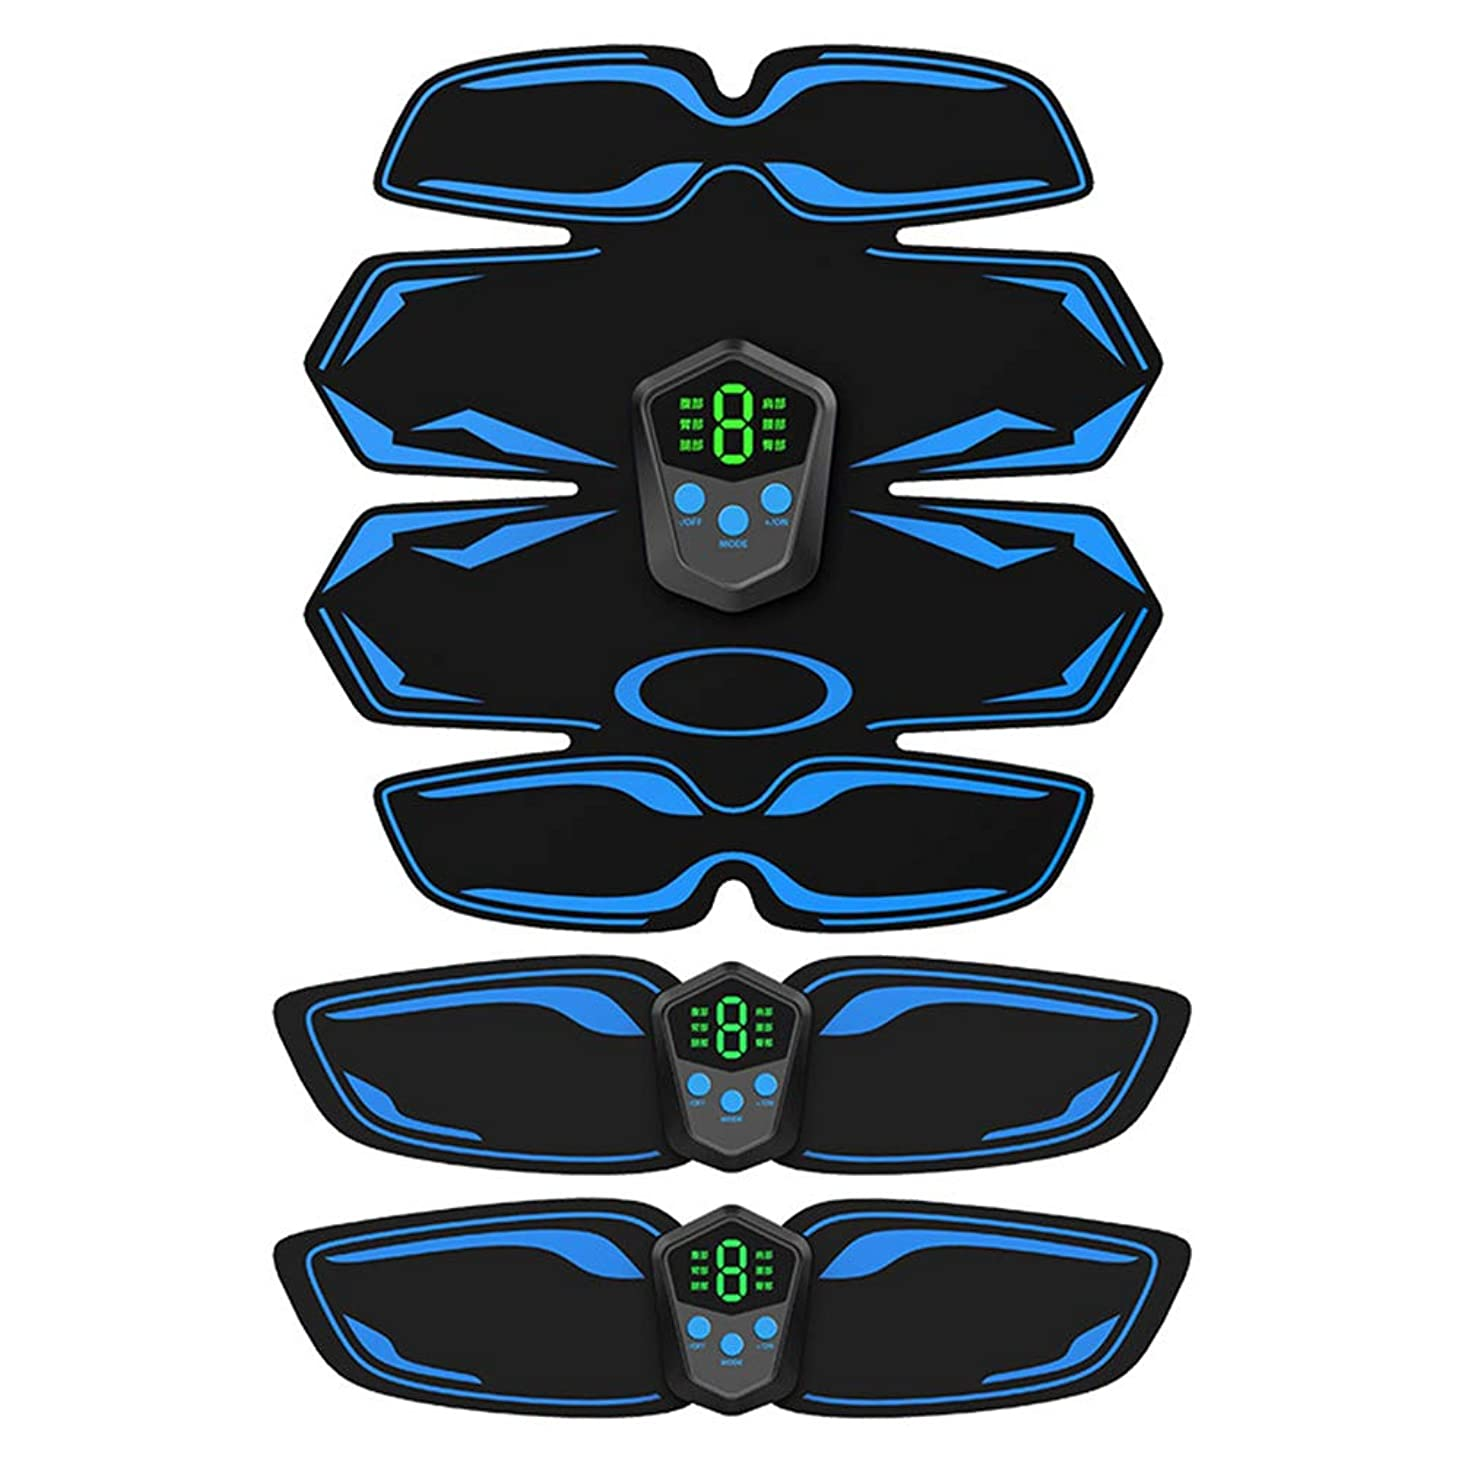 ぴったりオーケストラサーフィン充電フィットネス機器腹部マッサージ刺激スマートフィットネス電気減量ステッカー体重減少ベルト